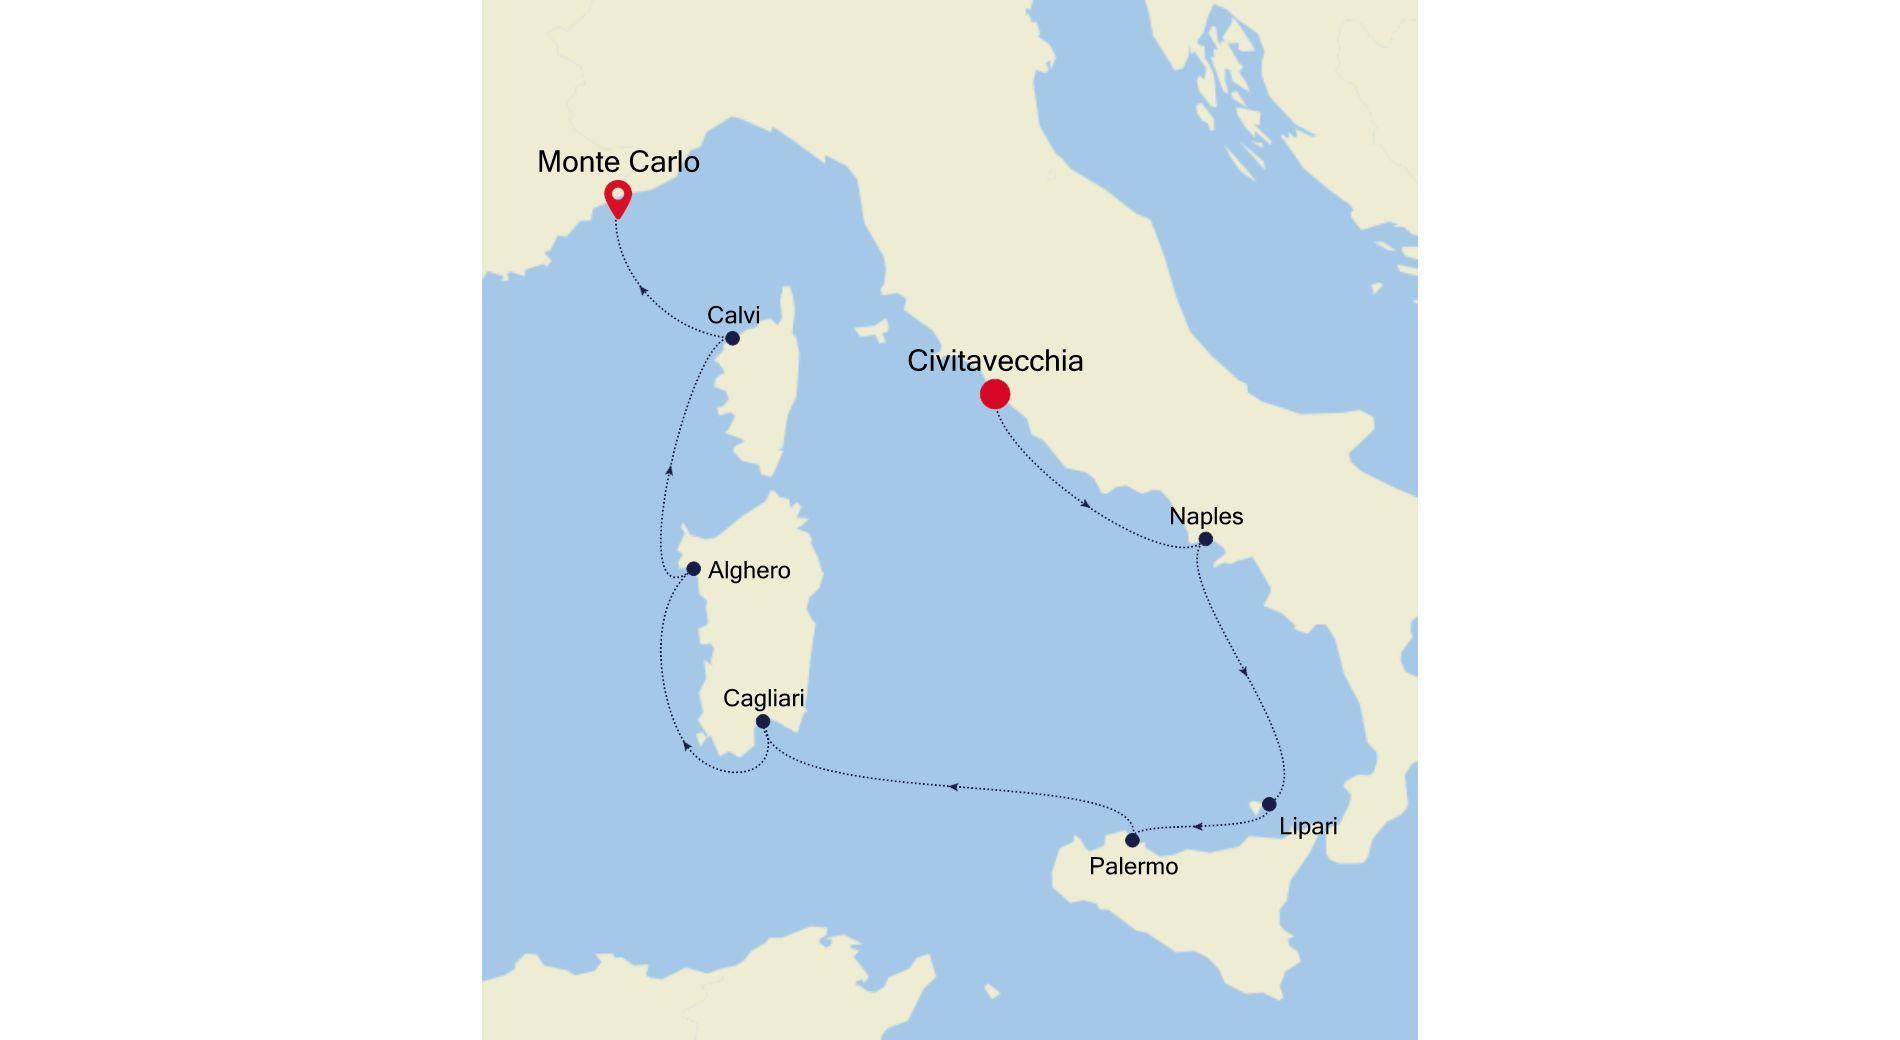 4921 - Civitavecchia to Monte Carlo